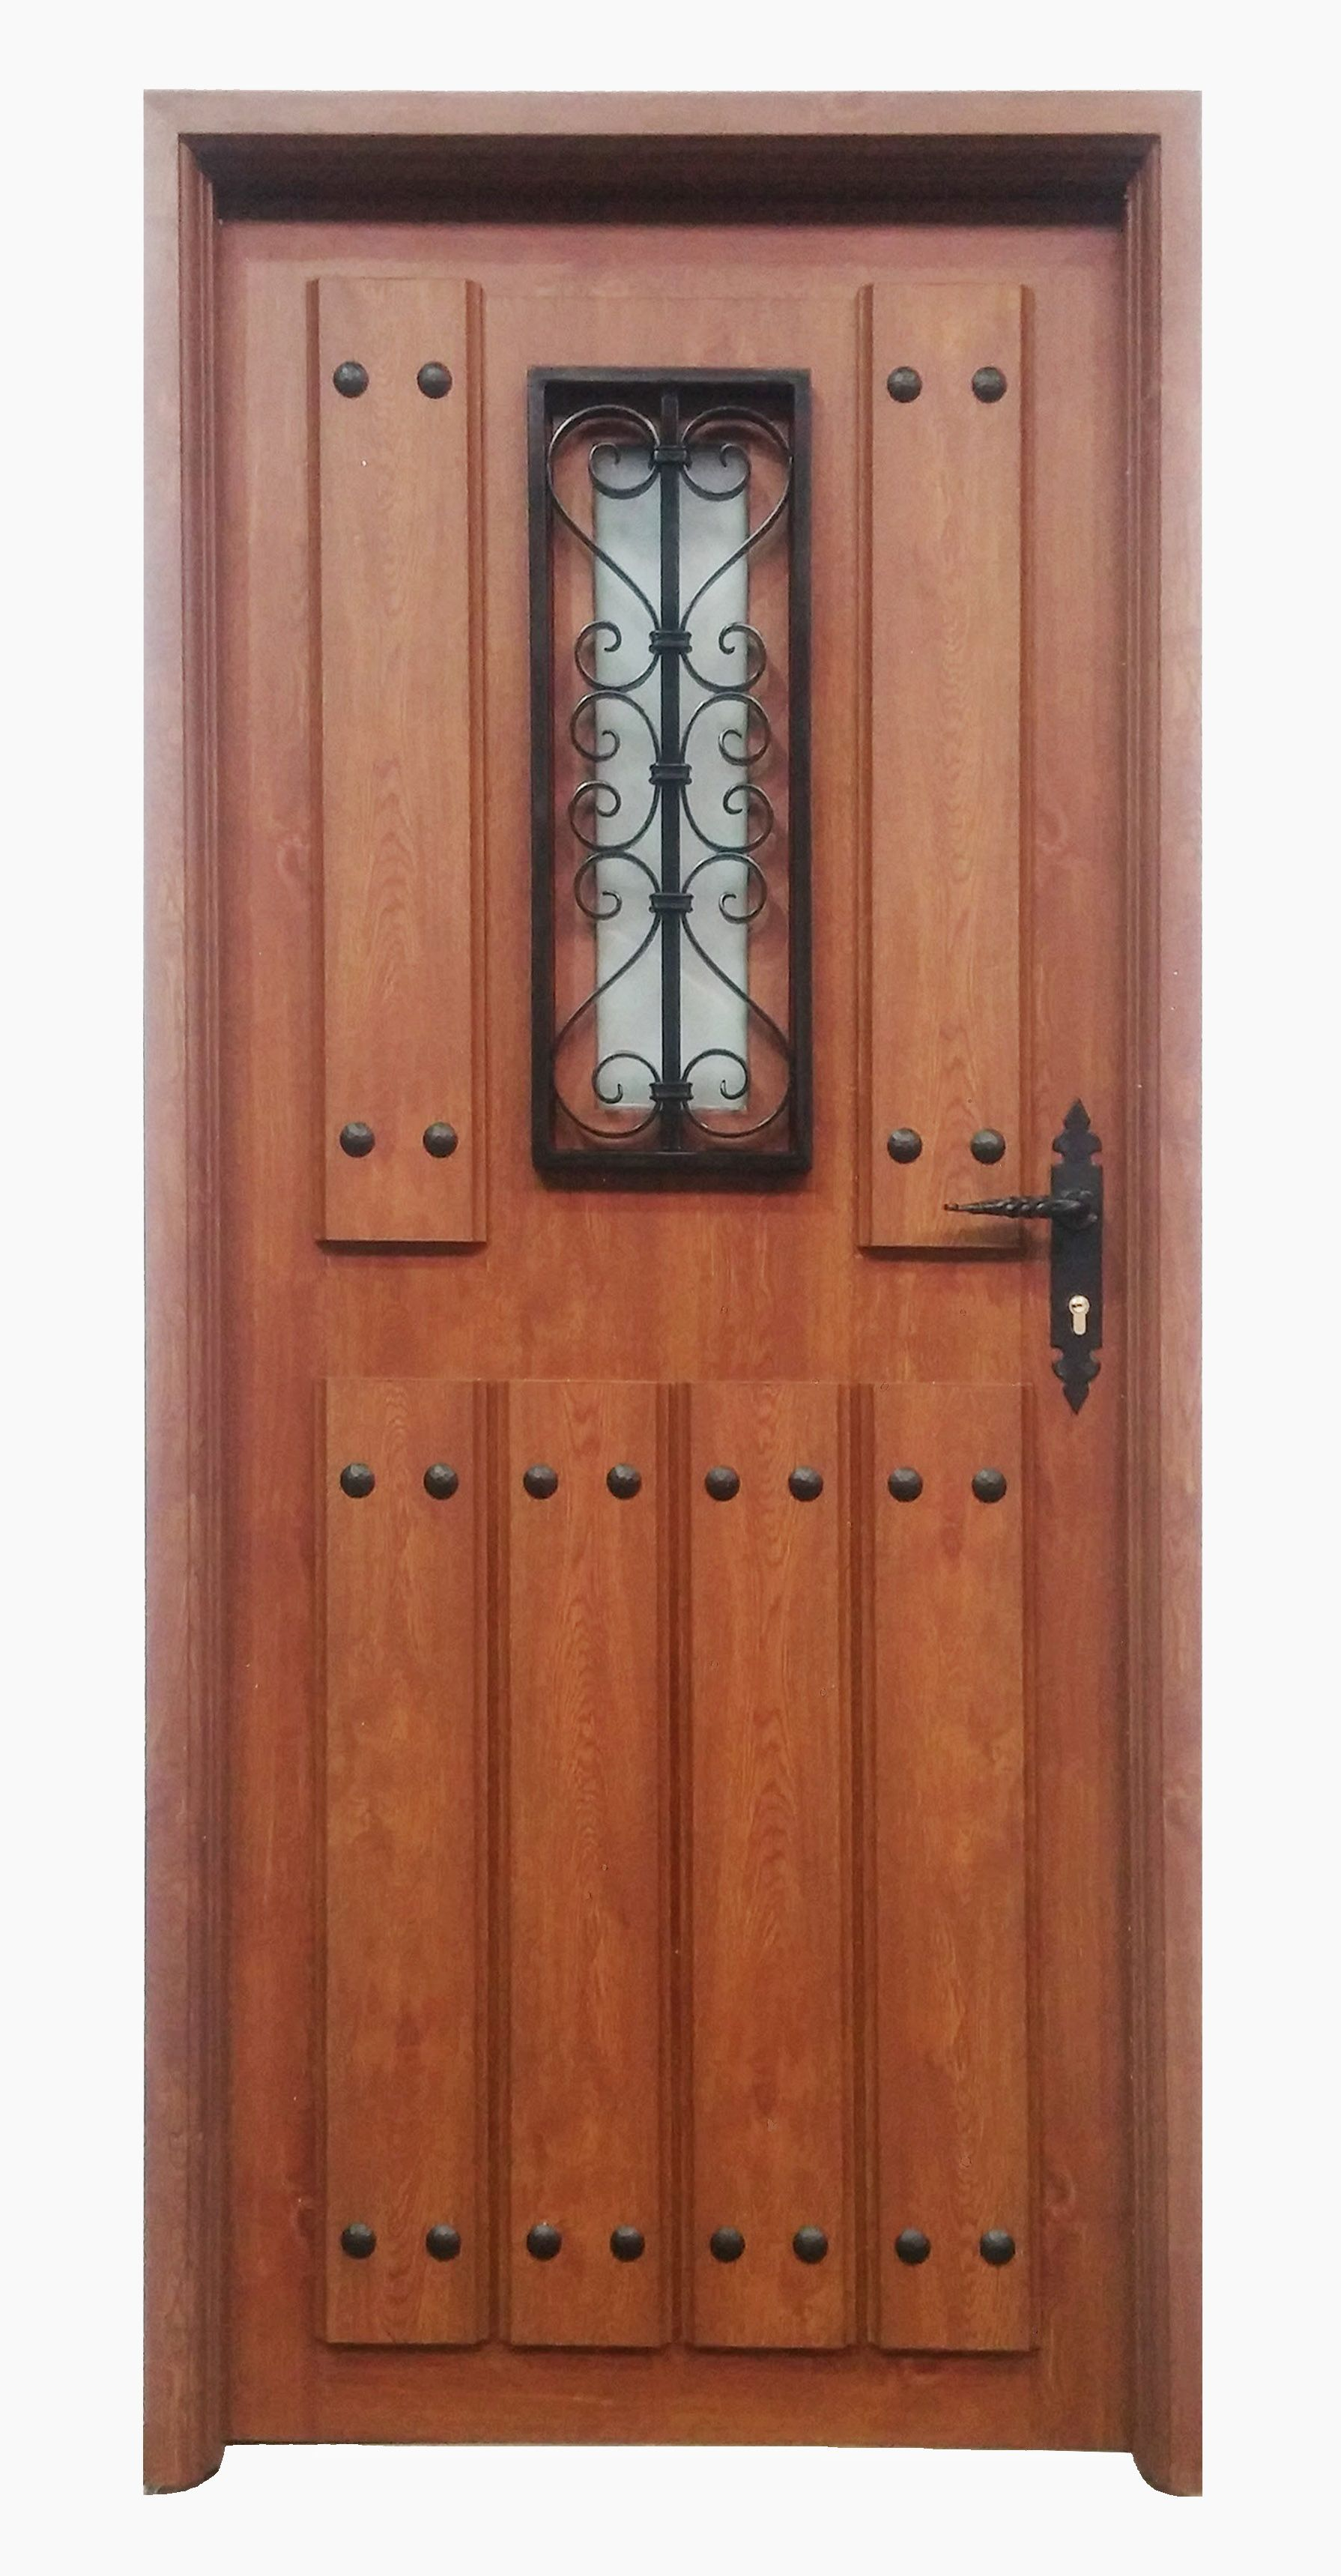 Puerta rustica aragon ventana en color embero puertas - Puerta madera precio ...